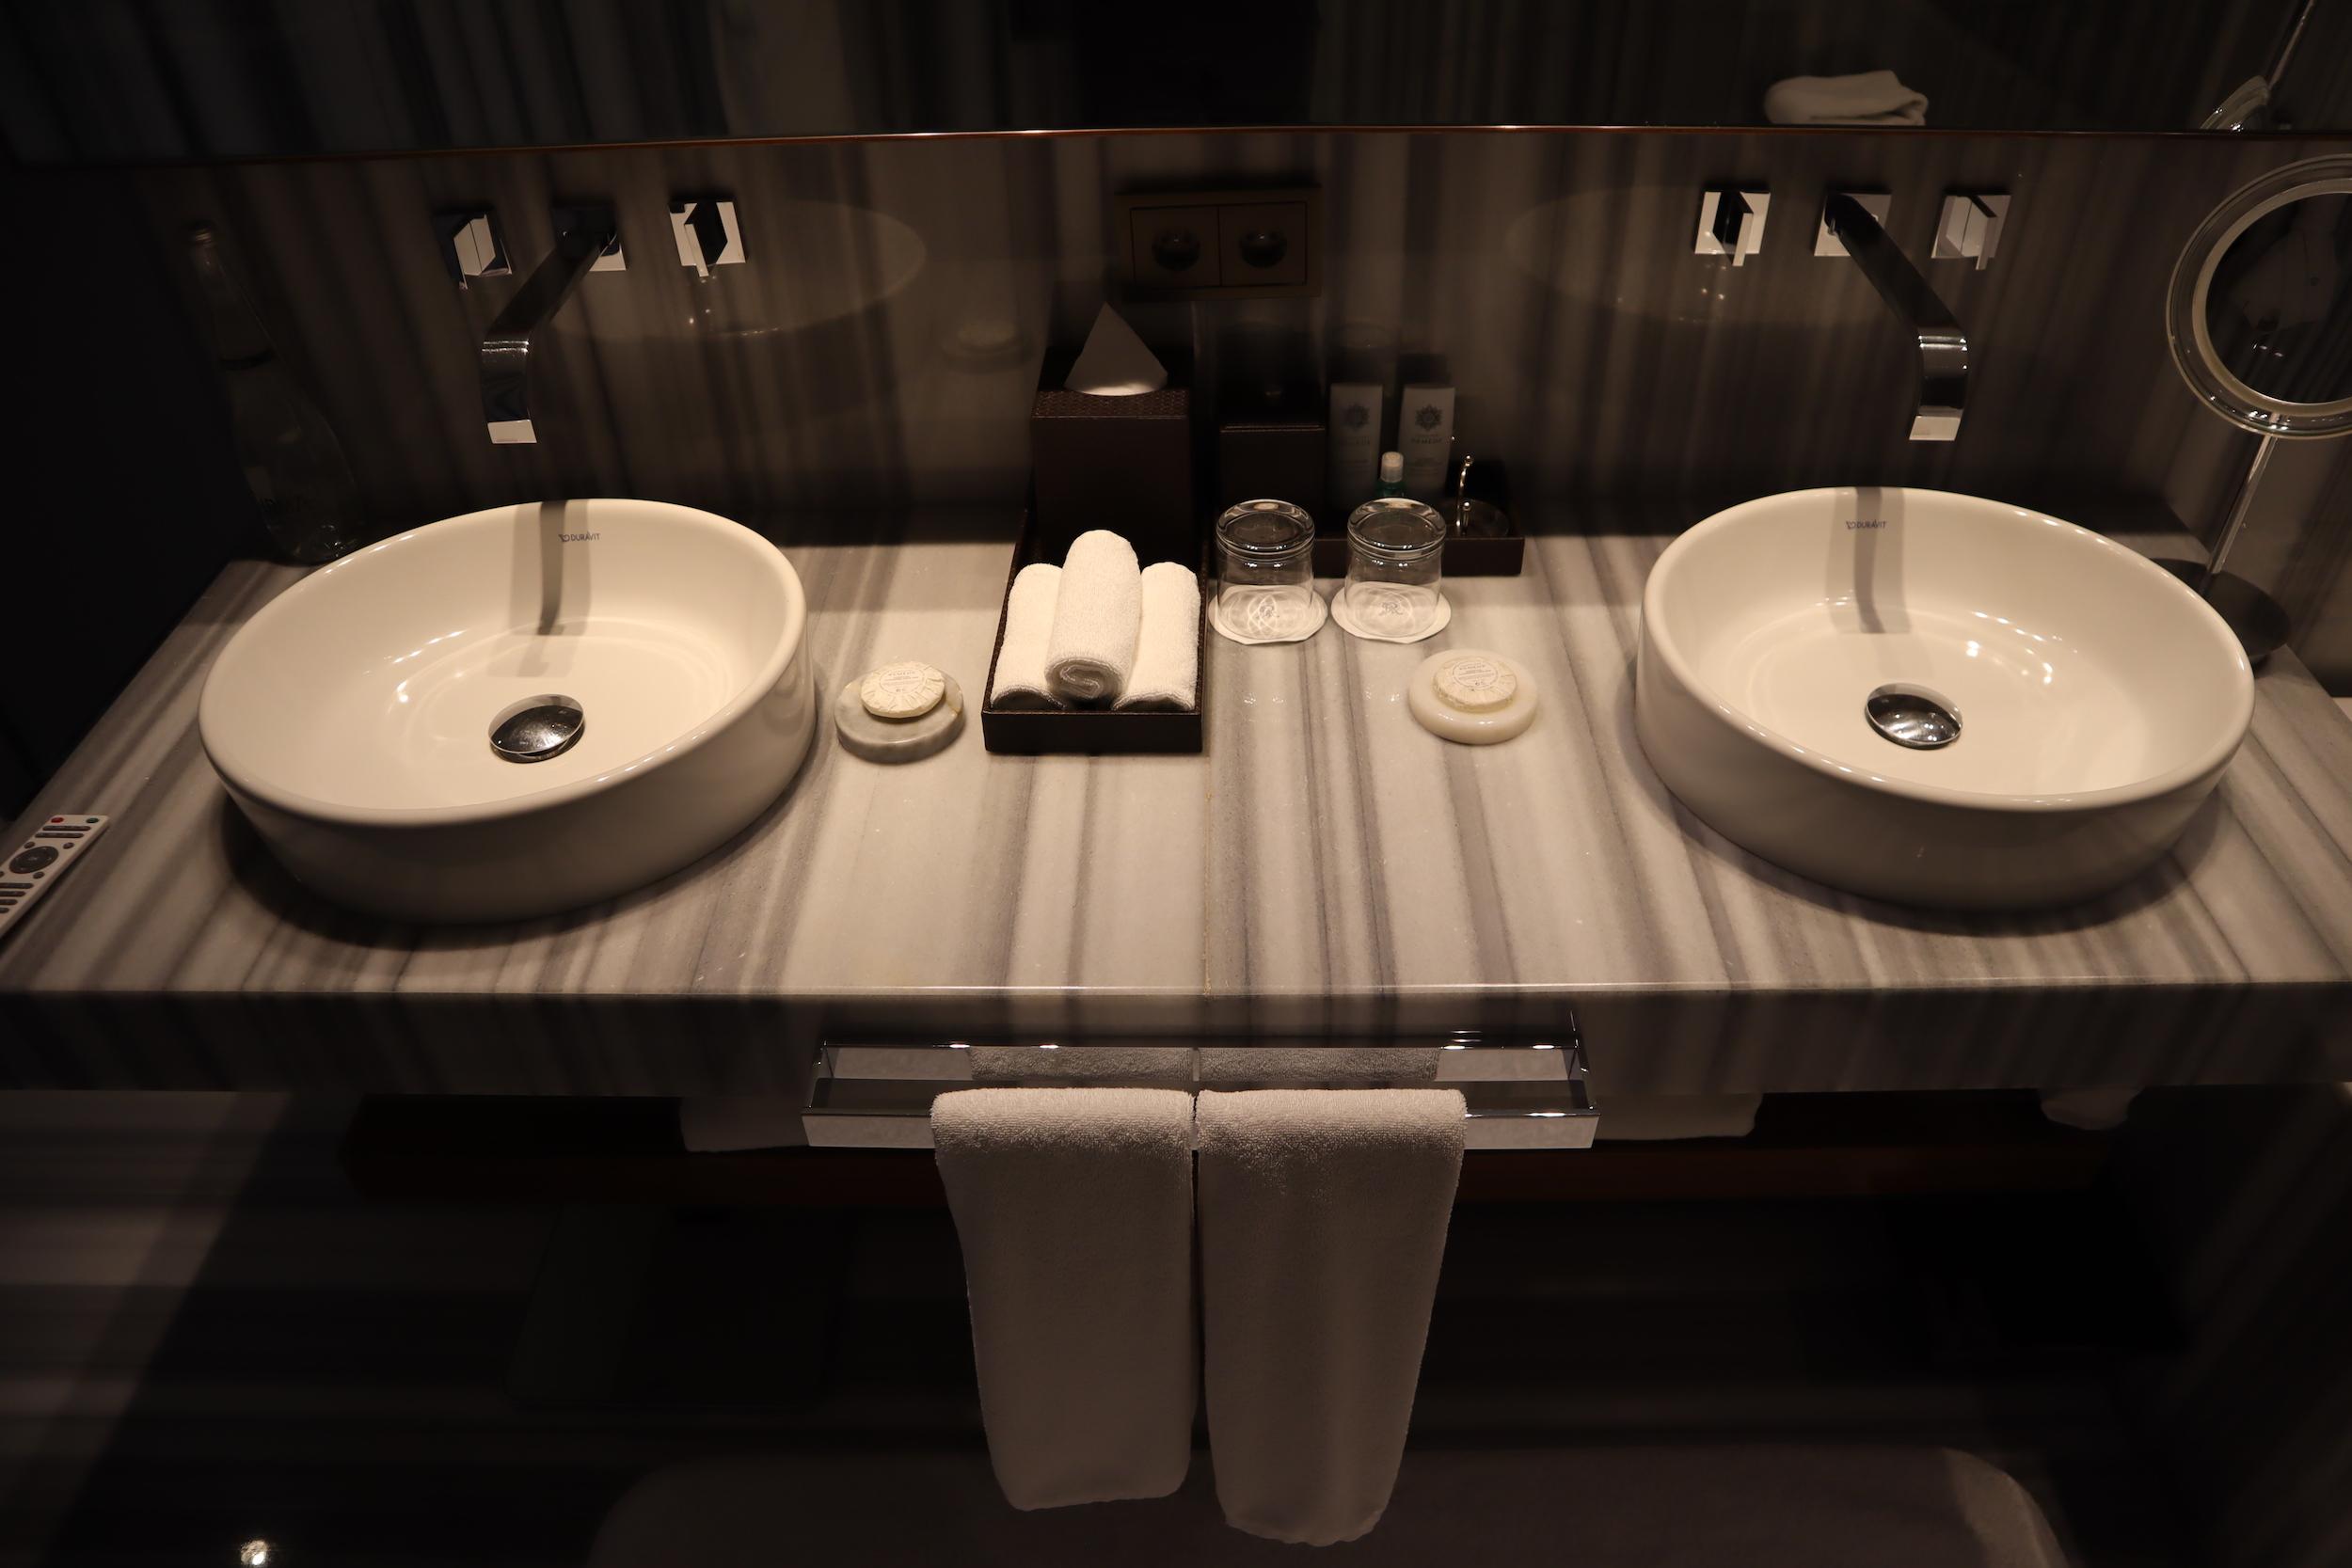 St. Regis Istanbul – St. Regis Suite bathroom sinks